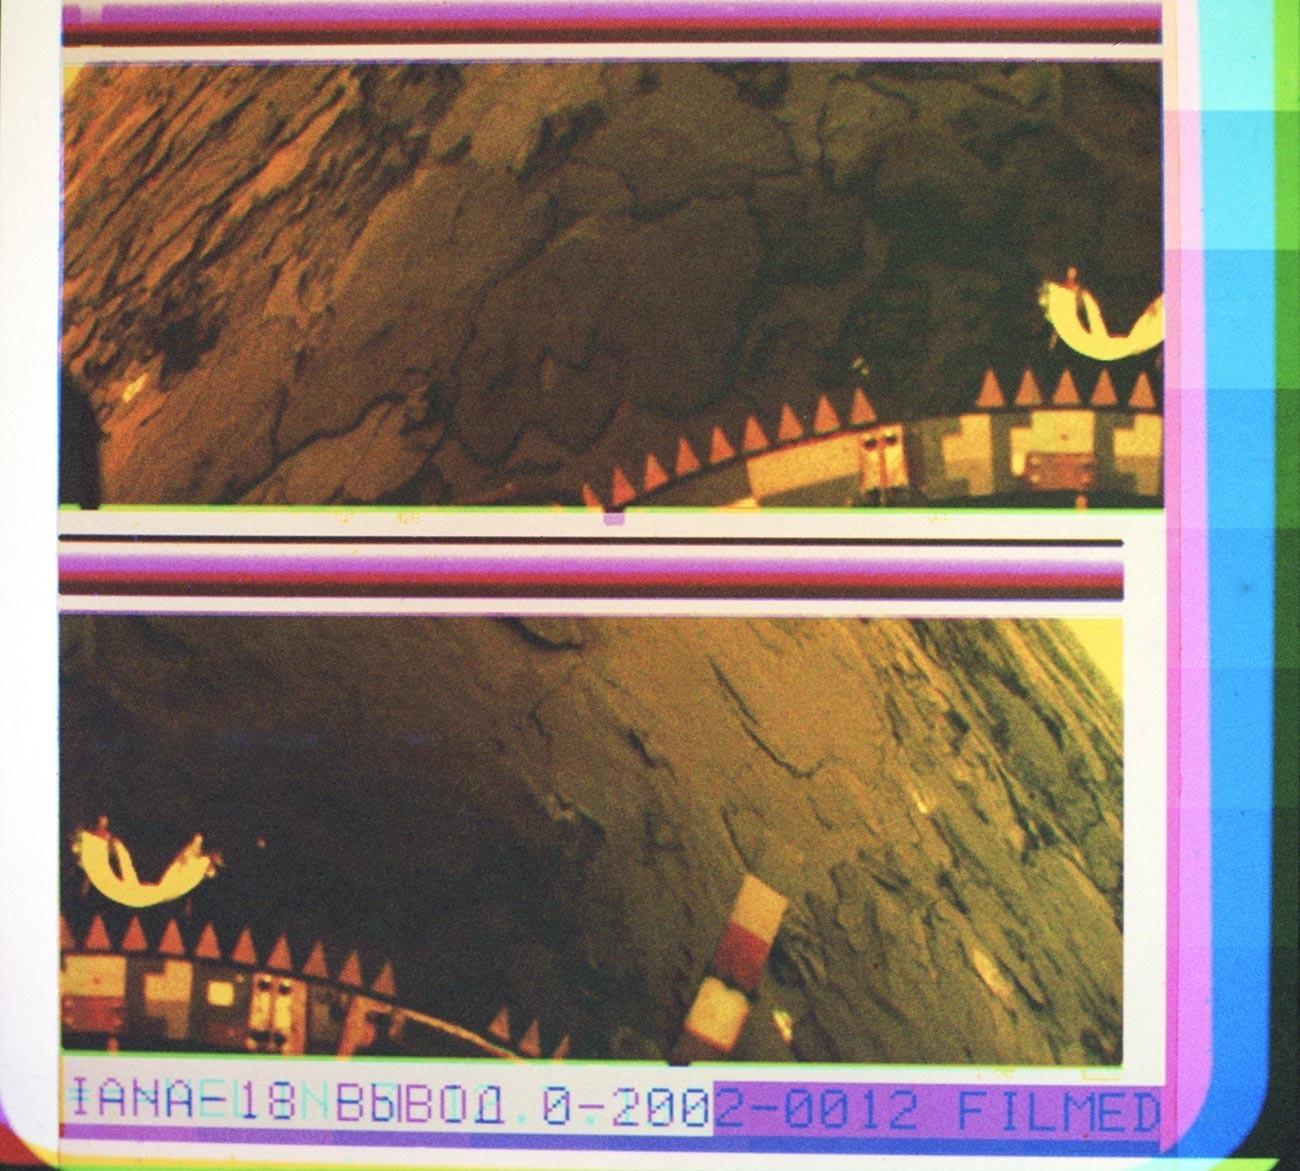 Imagem panorâmica colorida da superfície de Vênus